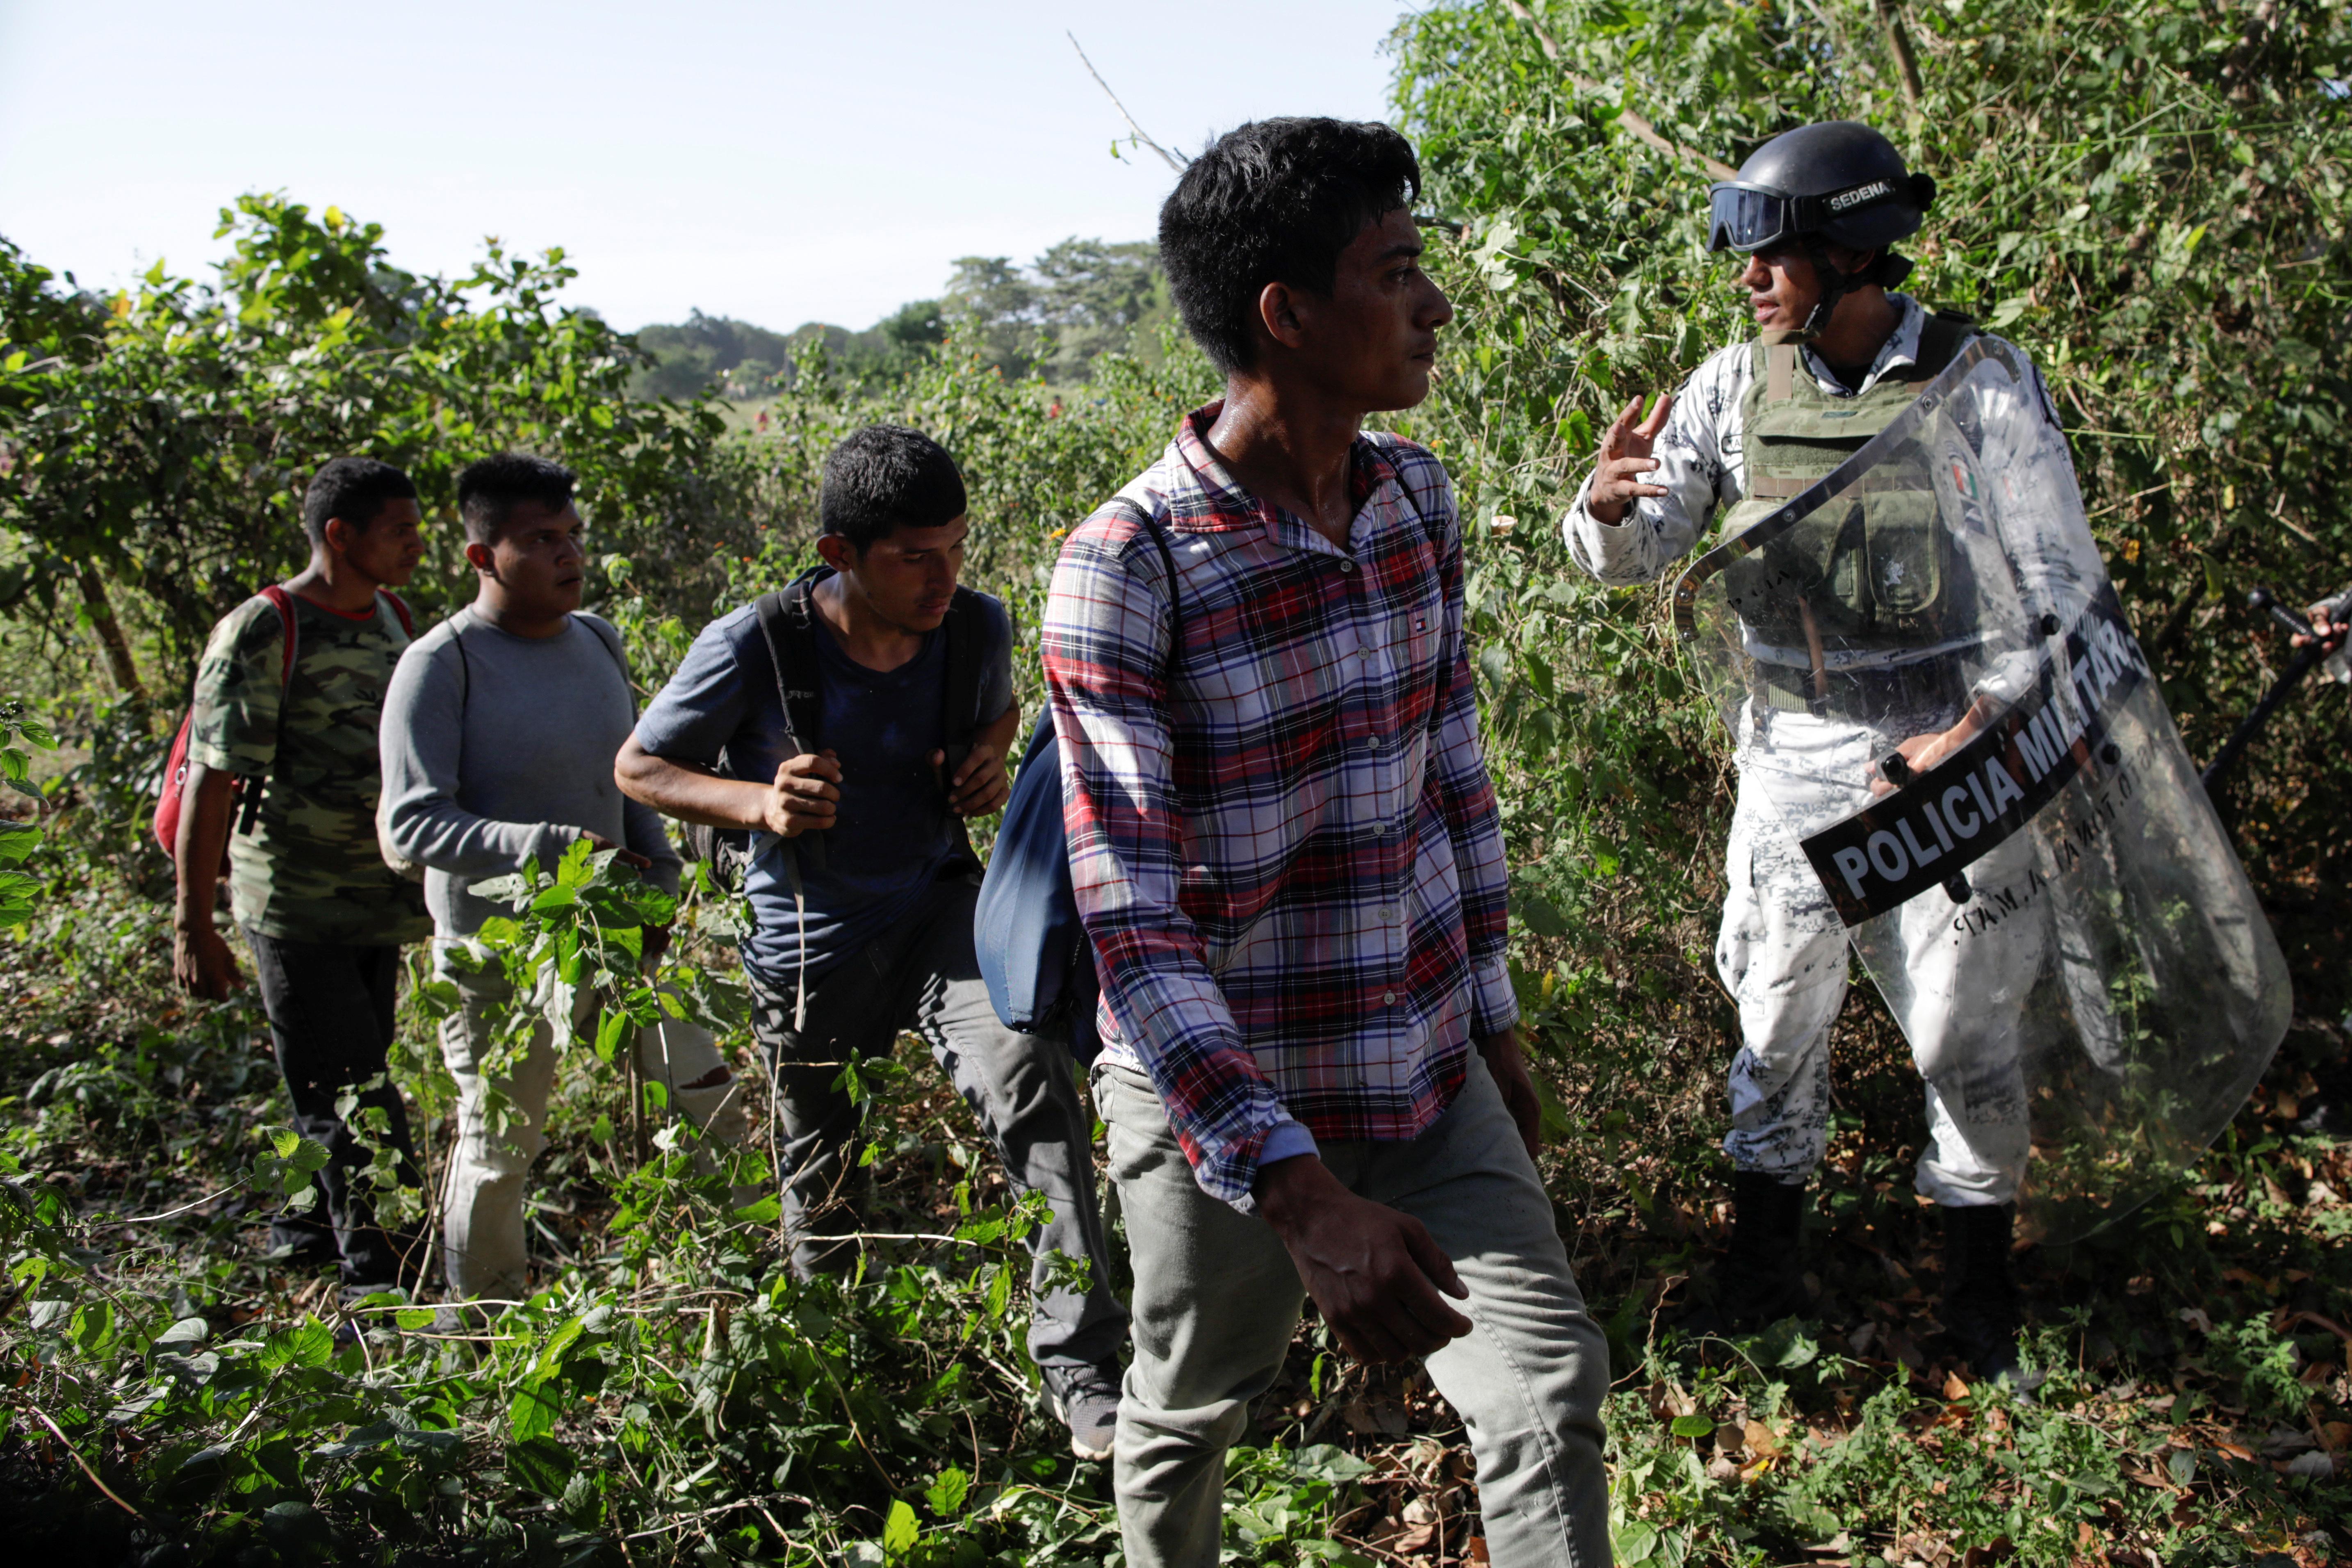 Aunque algunos migrantes intentaron huir a través de la selva al final fueron capturados por las autoridades mexicanas (Foto: Andrés Martínez Casares/Reuters)